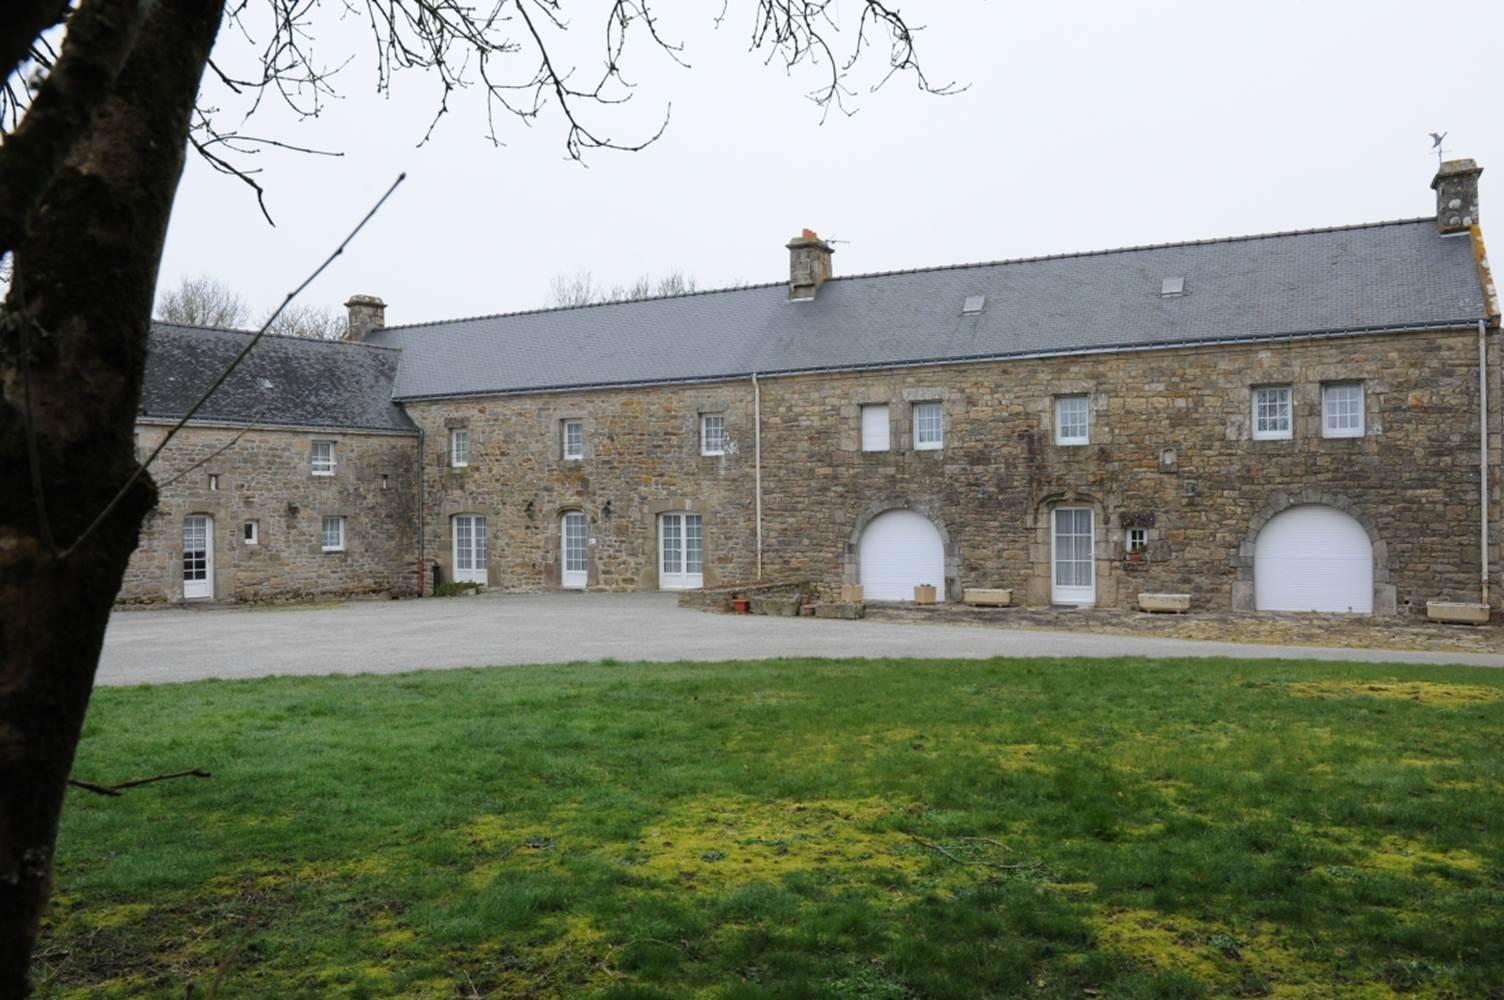 Chambre d'hôtes n°56G5630 – LOCOAL-MENDON – Morbihan Bretagne Sud © GITES DE France 56